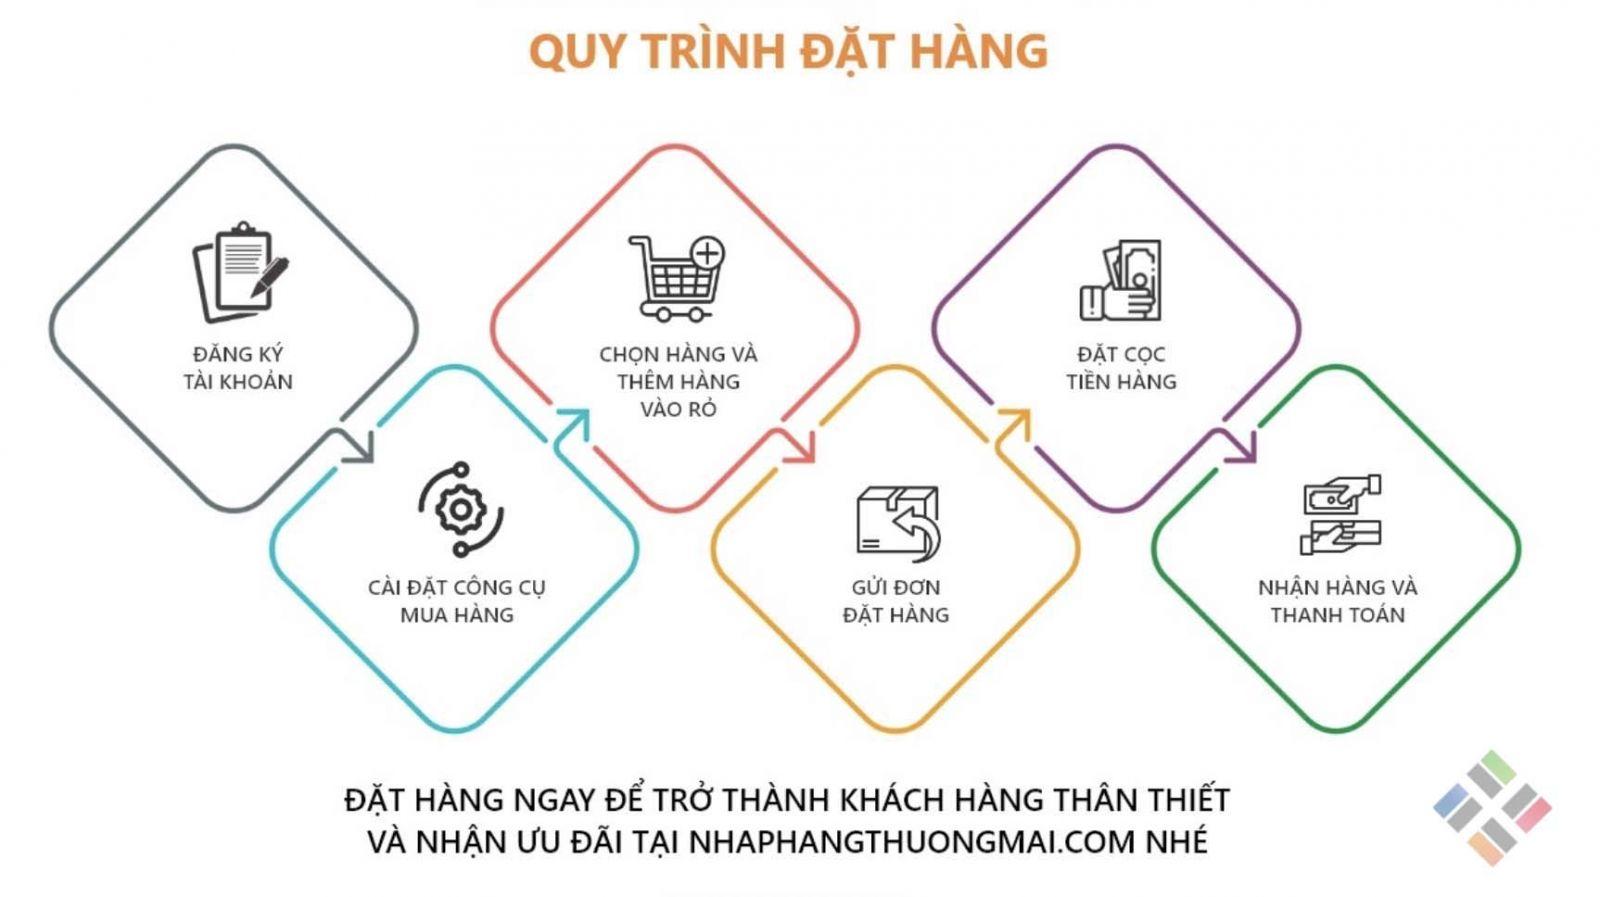 Quy trình đặt hàng Trung Quốc tại Hà Nội 1